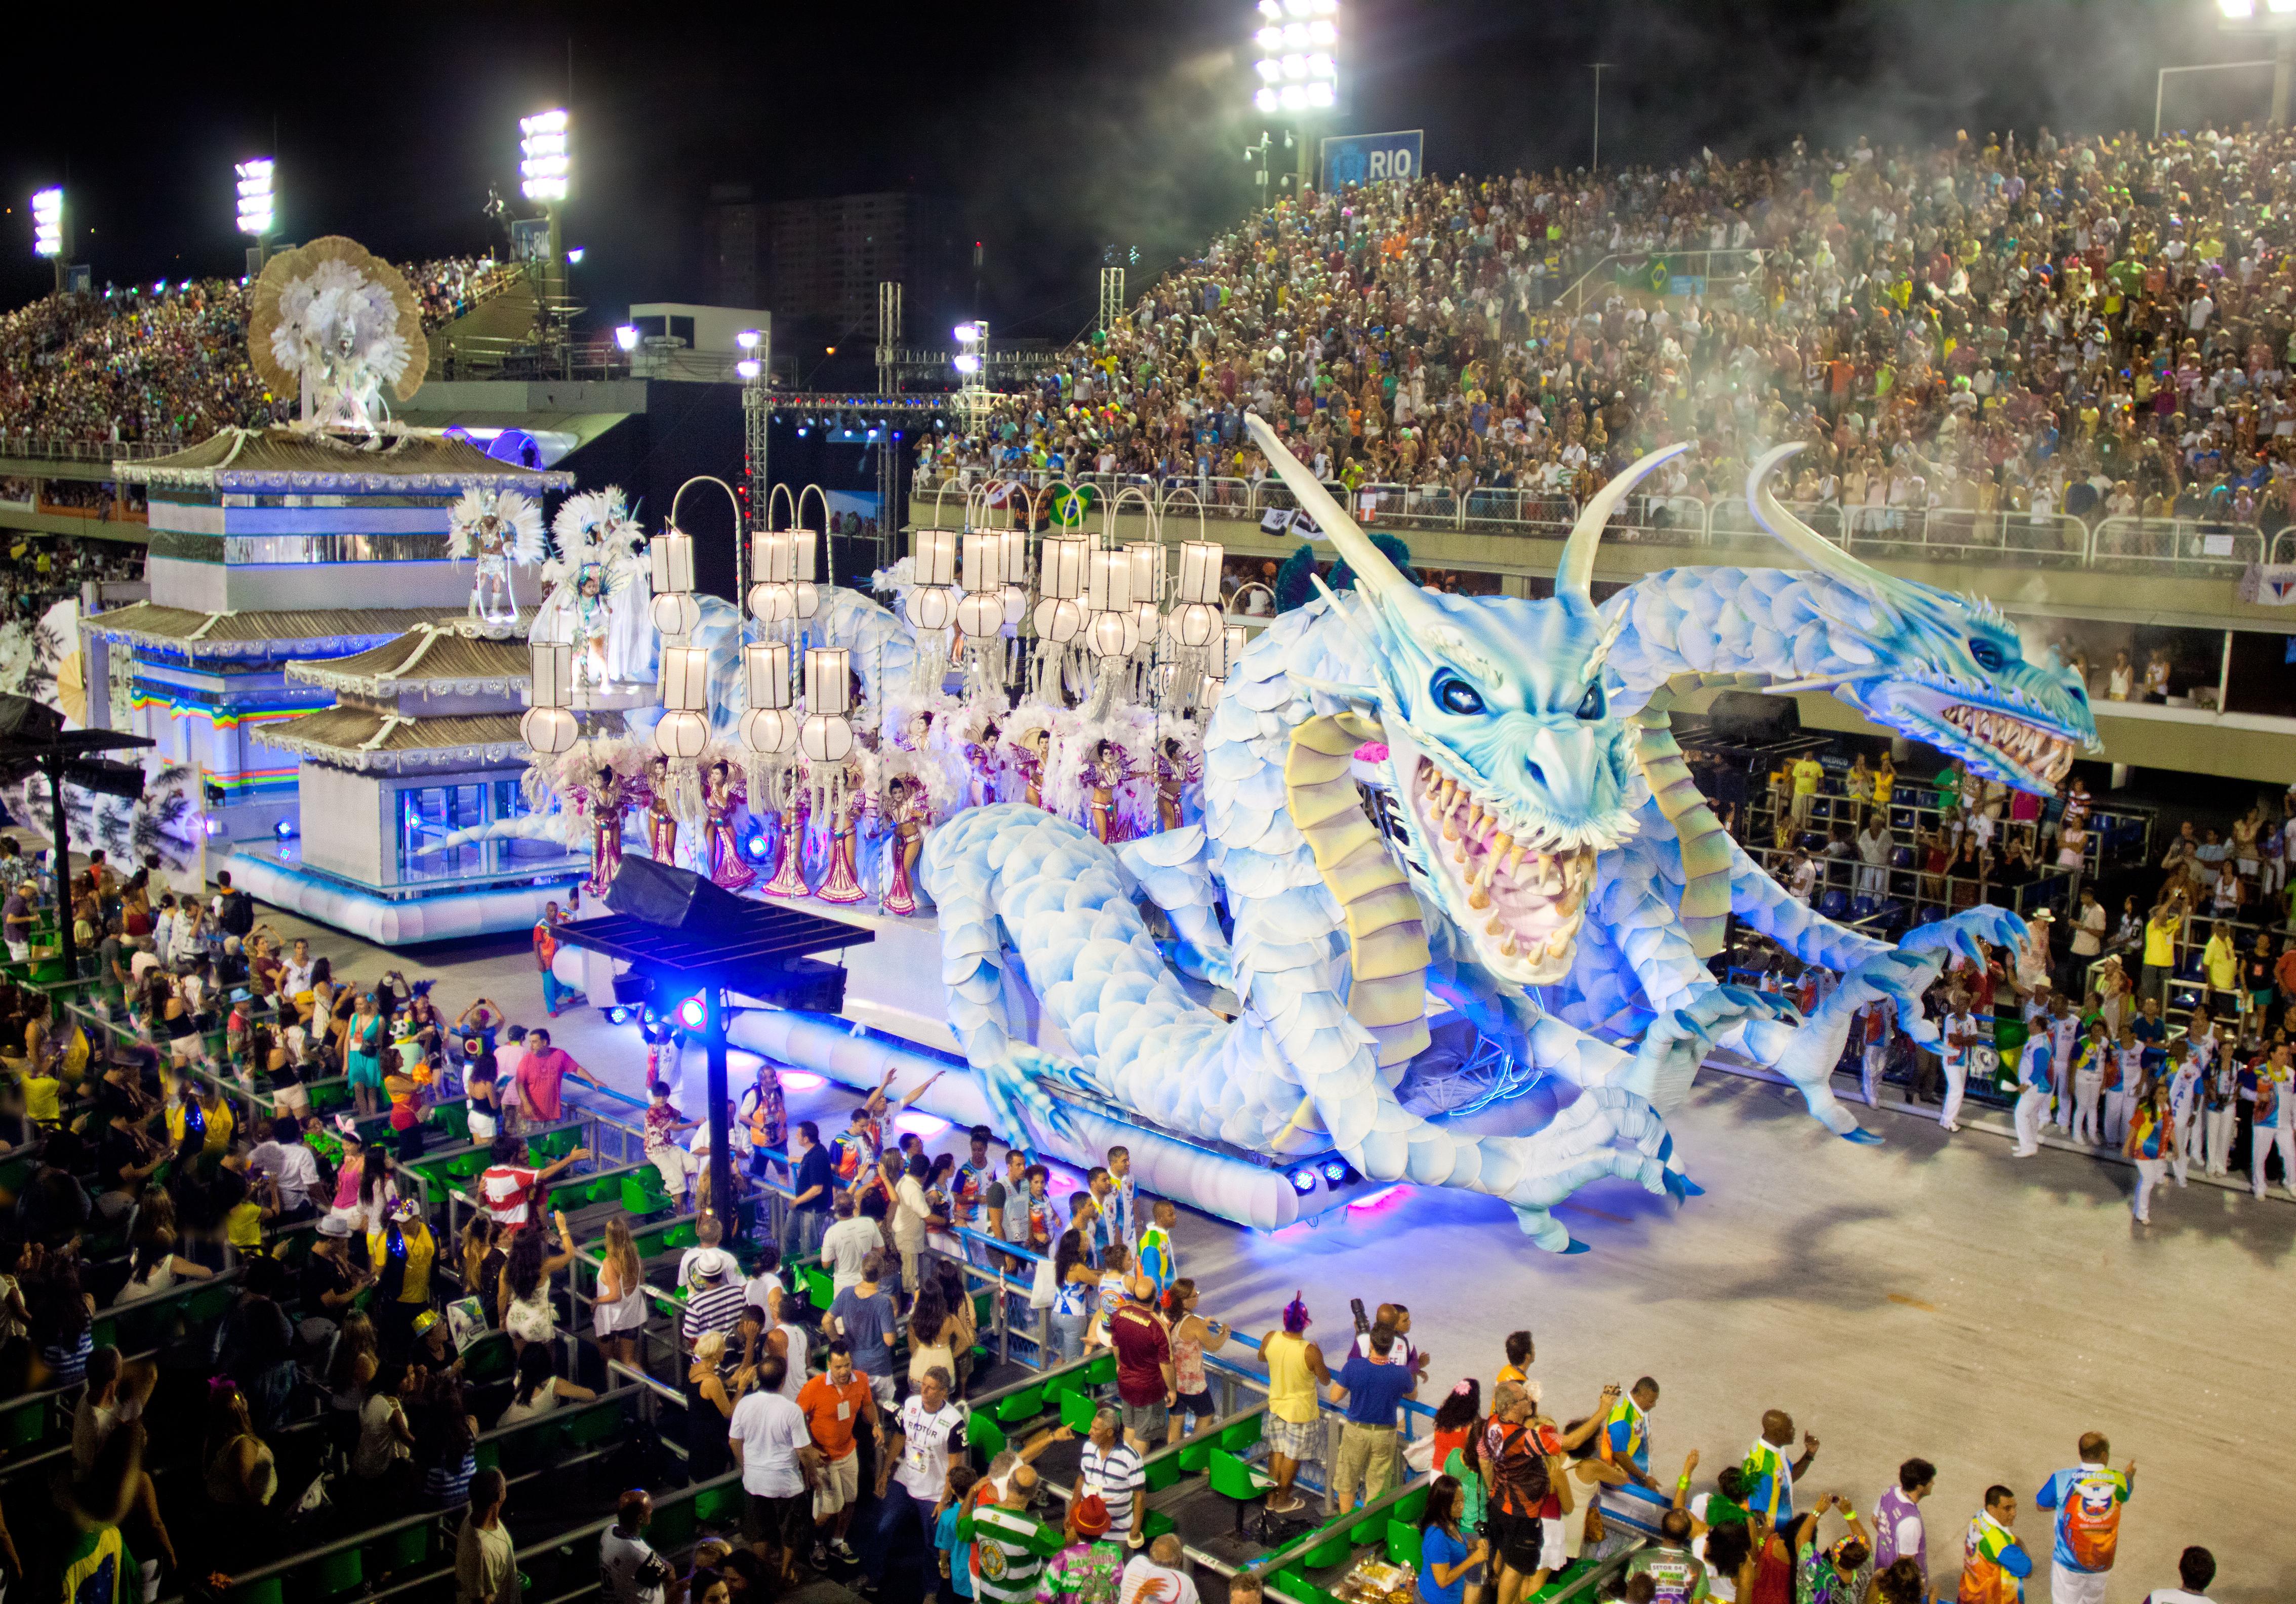 Celebrul Carnaval de la Rio a fost anulat în 2021 din cauza pandemiei de COVID-19